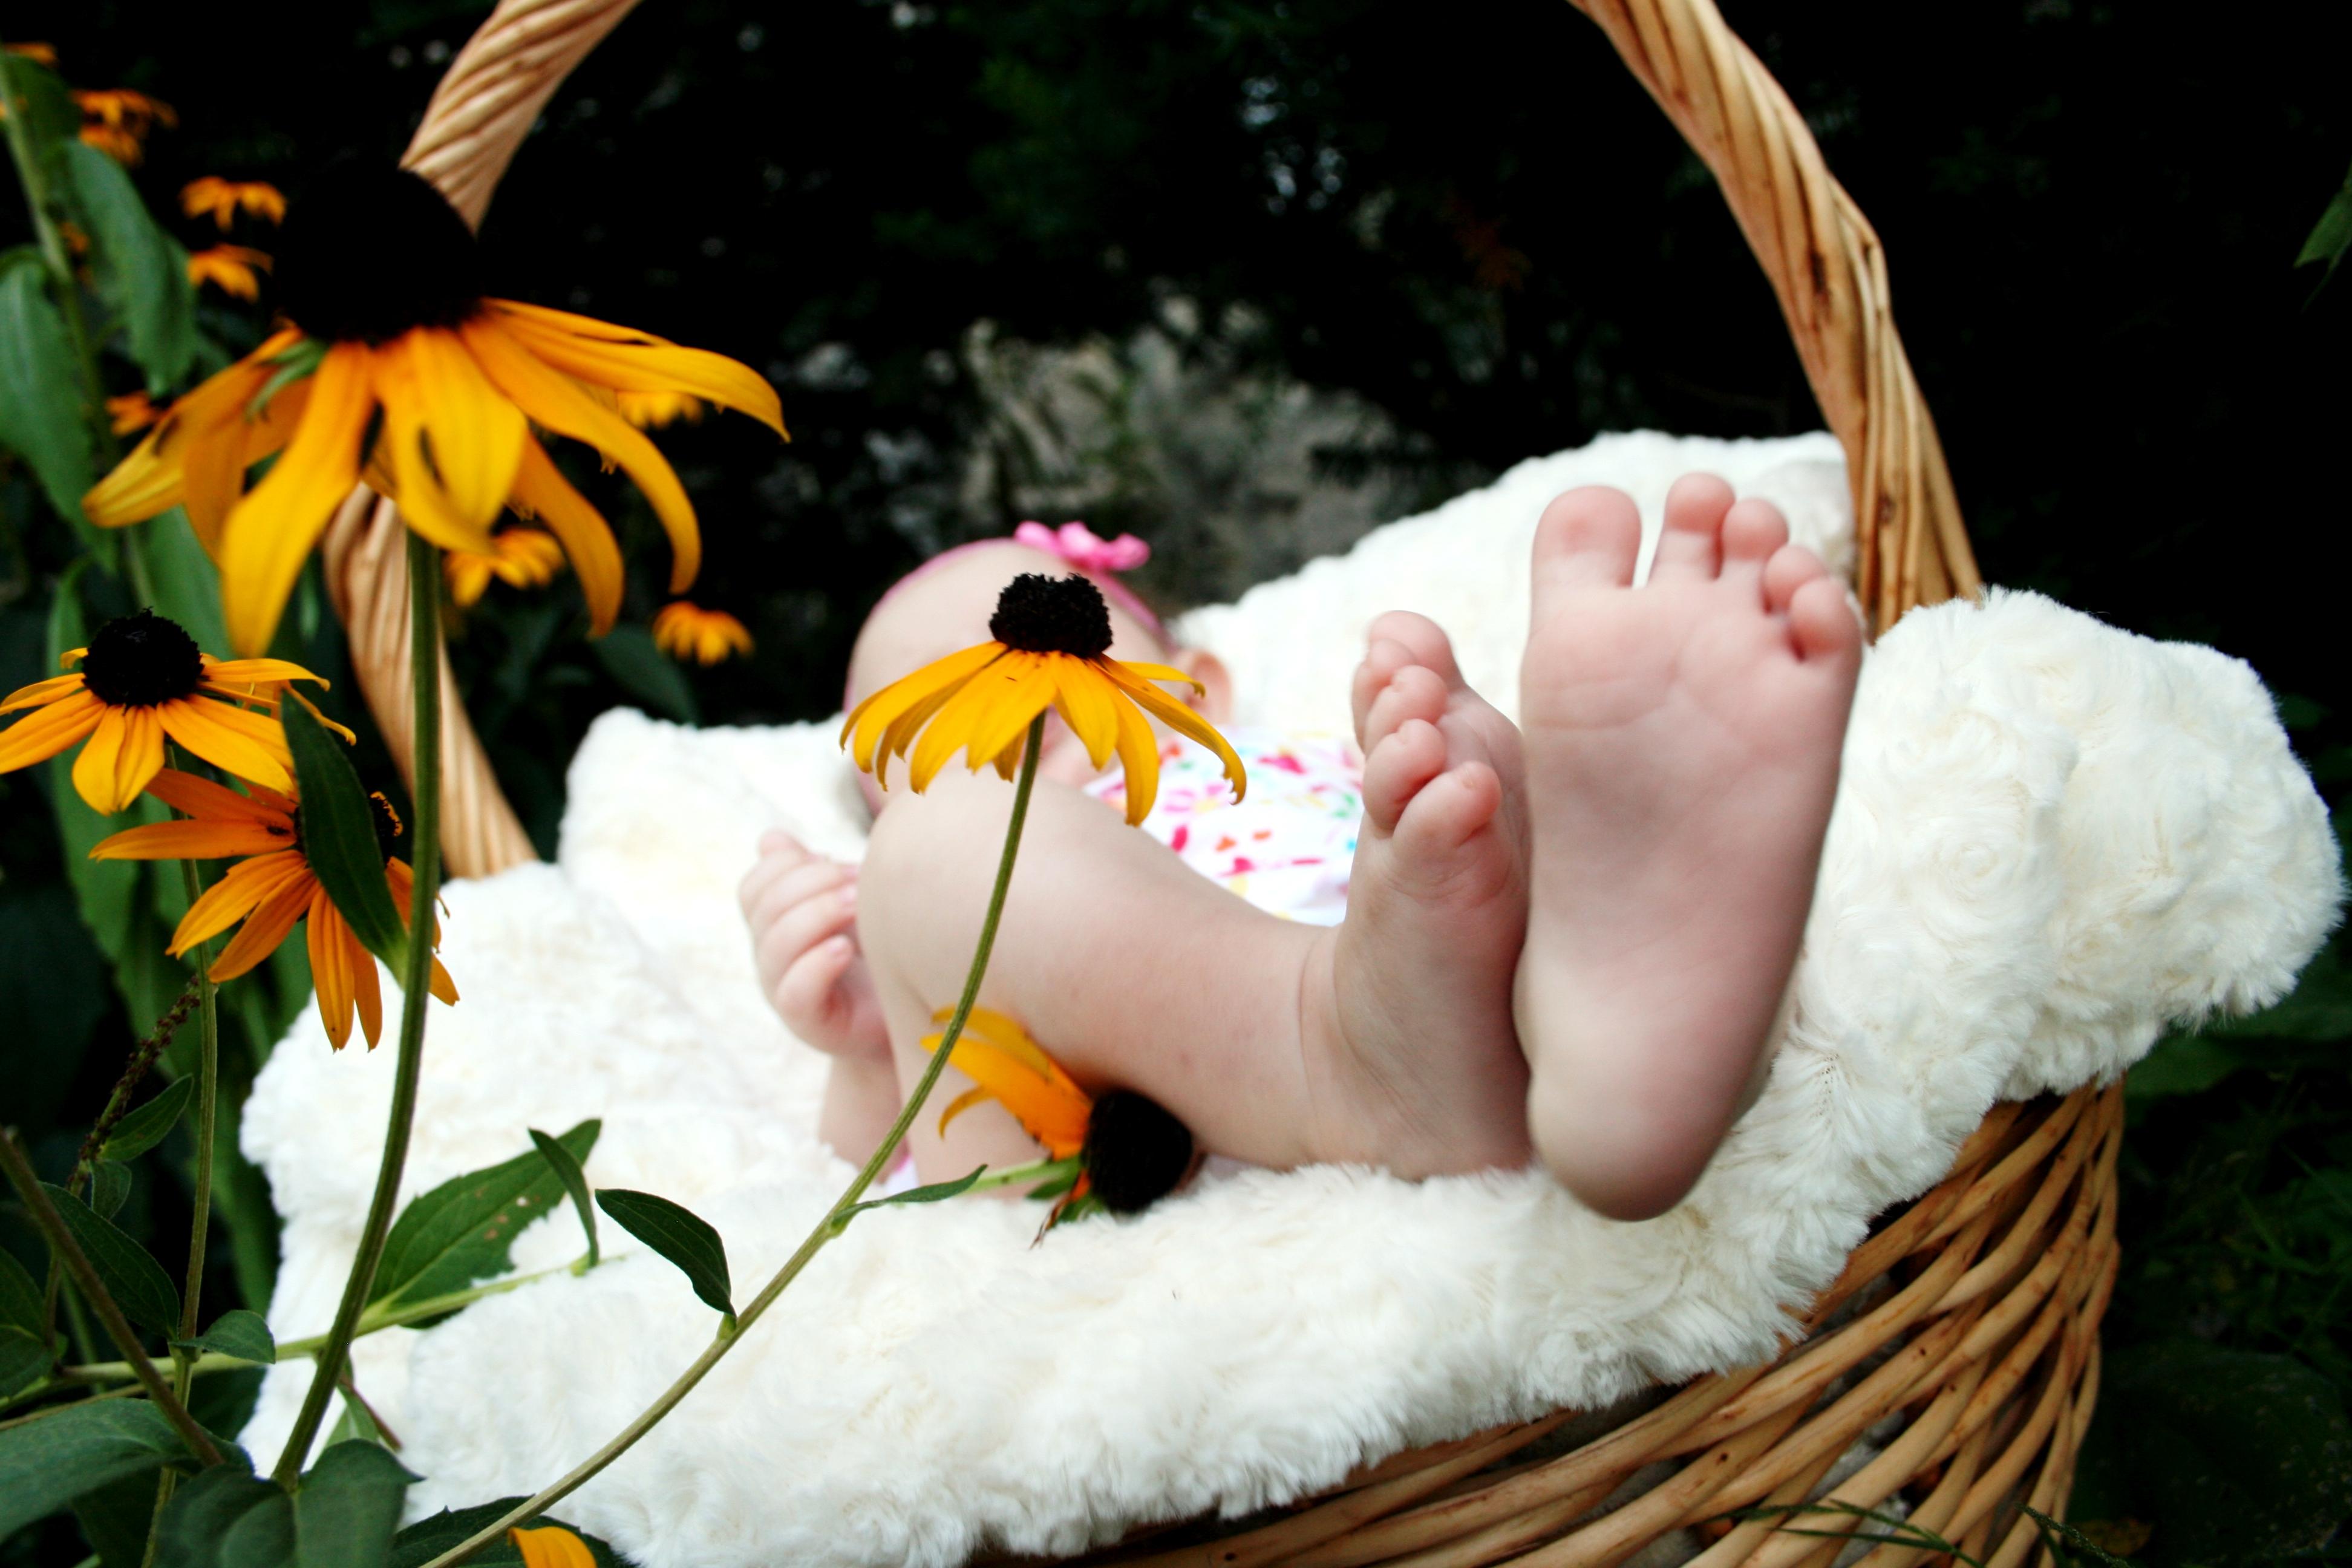 Free Images : hand, girl, flower, spring, child, basket, flora ...